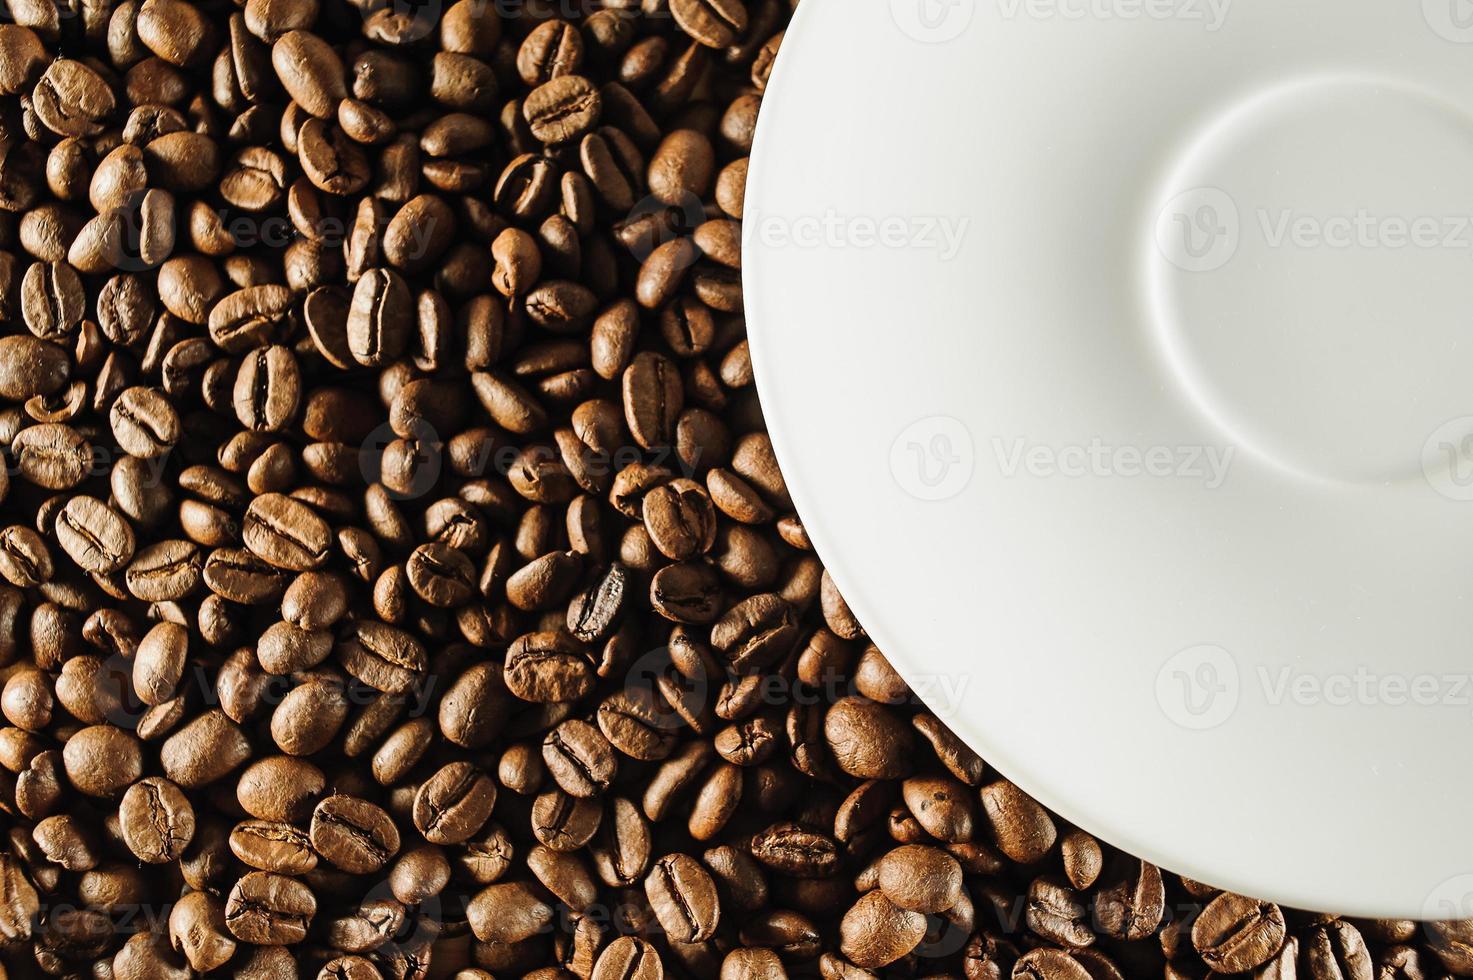 kaffebönor och vit platta foto